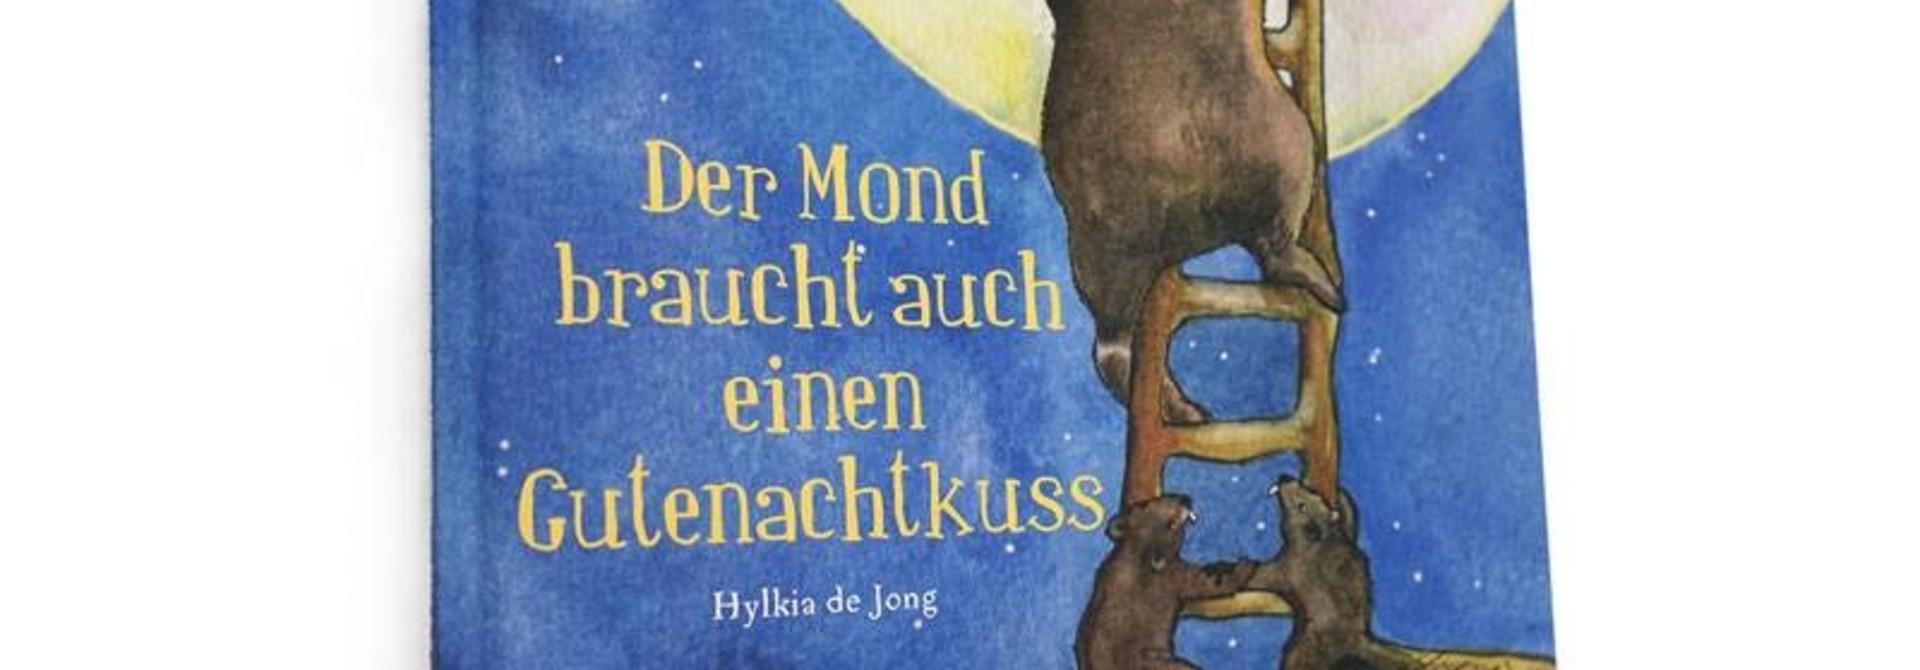 Der Mond braucht auch einen Gutenachtkuss (DE)